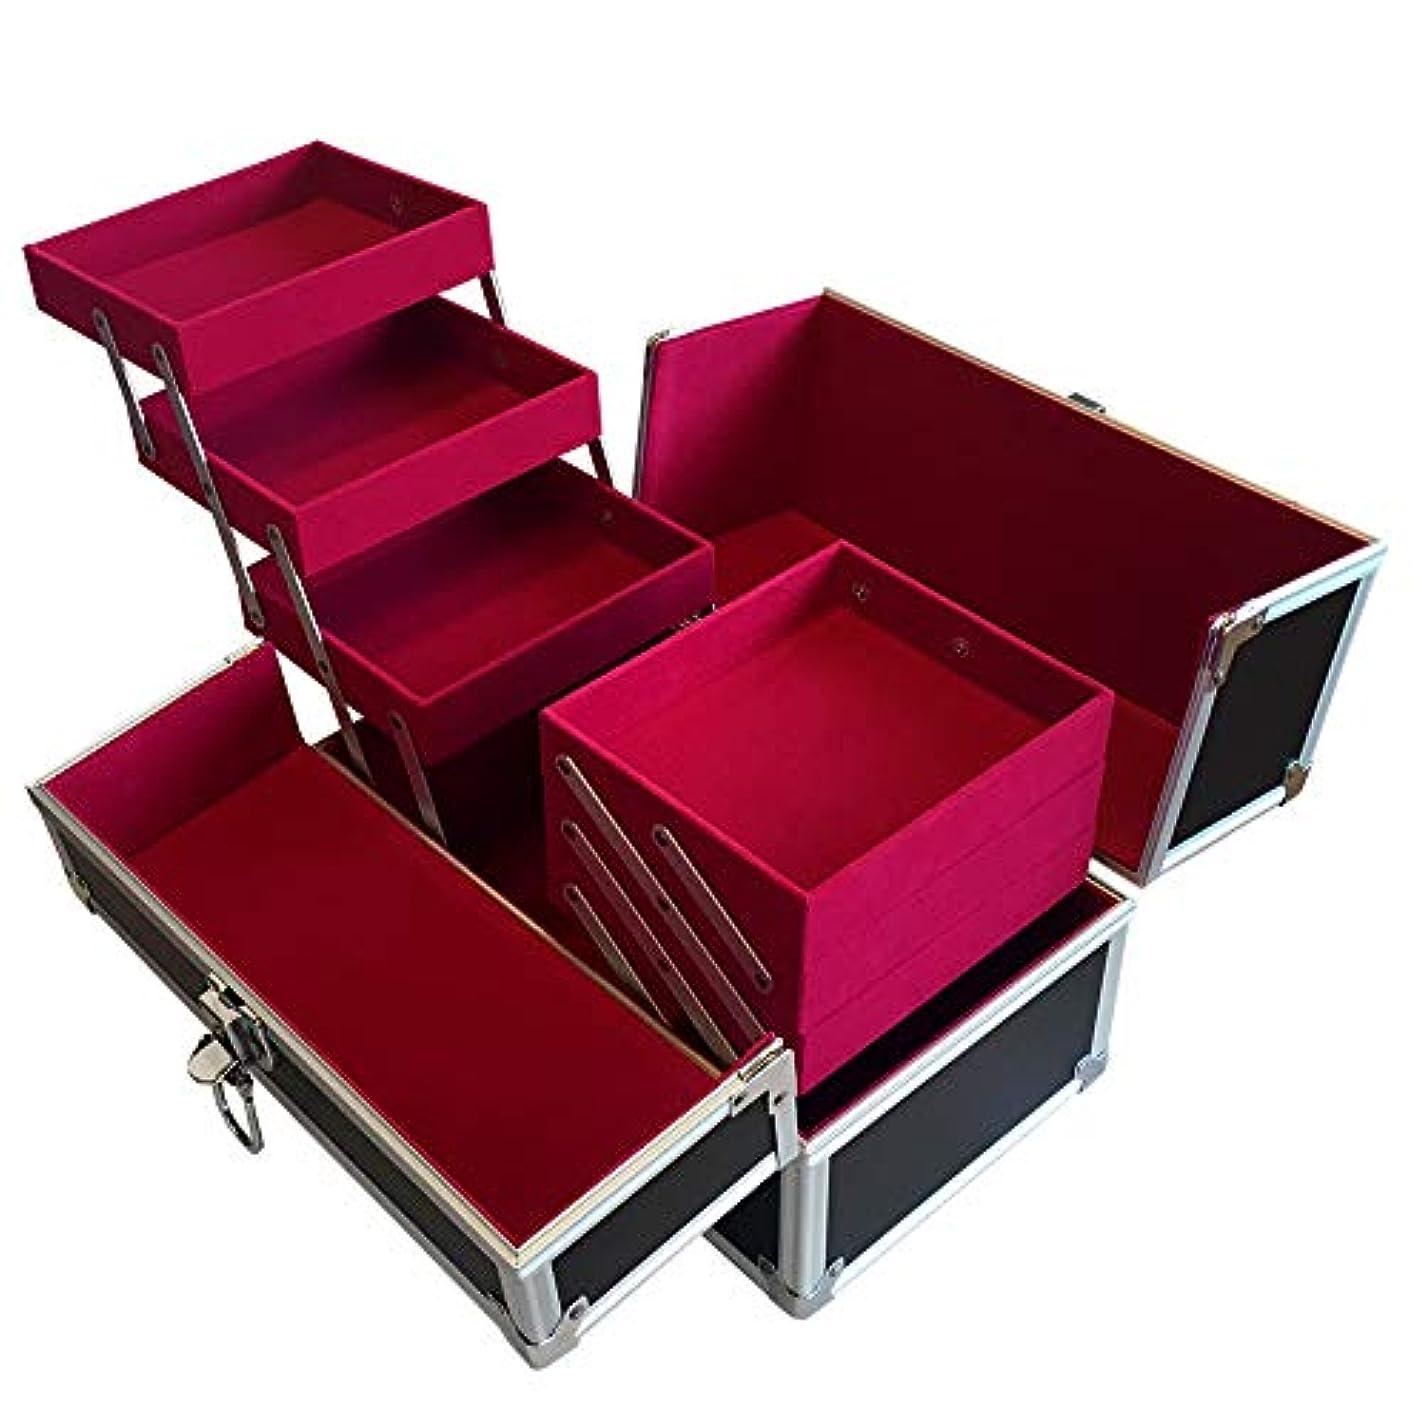 イベント助けになる社会主義リライアブル コスメボックス RB002-BKVP 鍵付き プロ仕様 メイクボックス 大容量 化粧品収納 小物入れ 6段トレー ベロア メイクケース コスメBOX 持ち運び ネイルケース